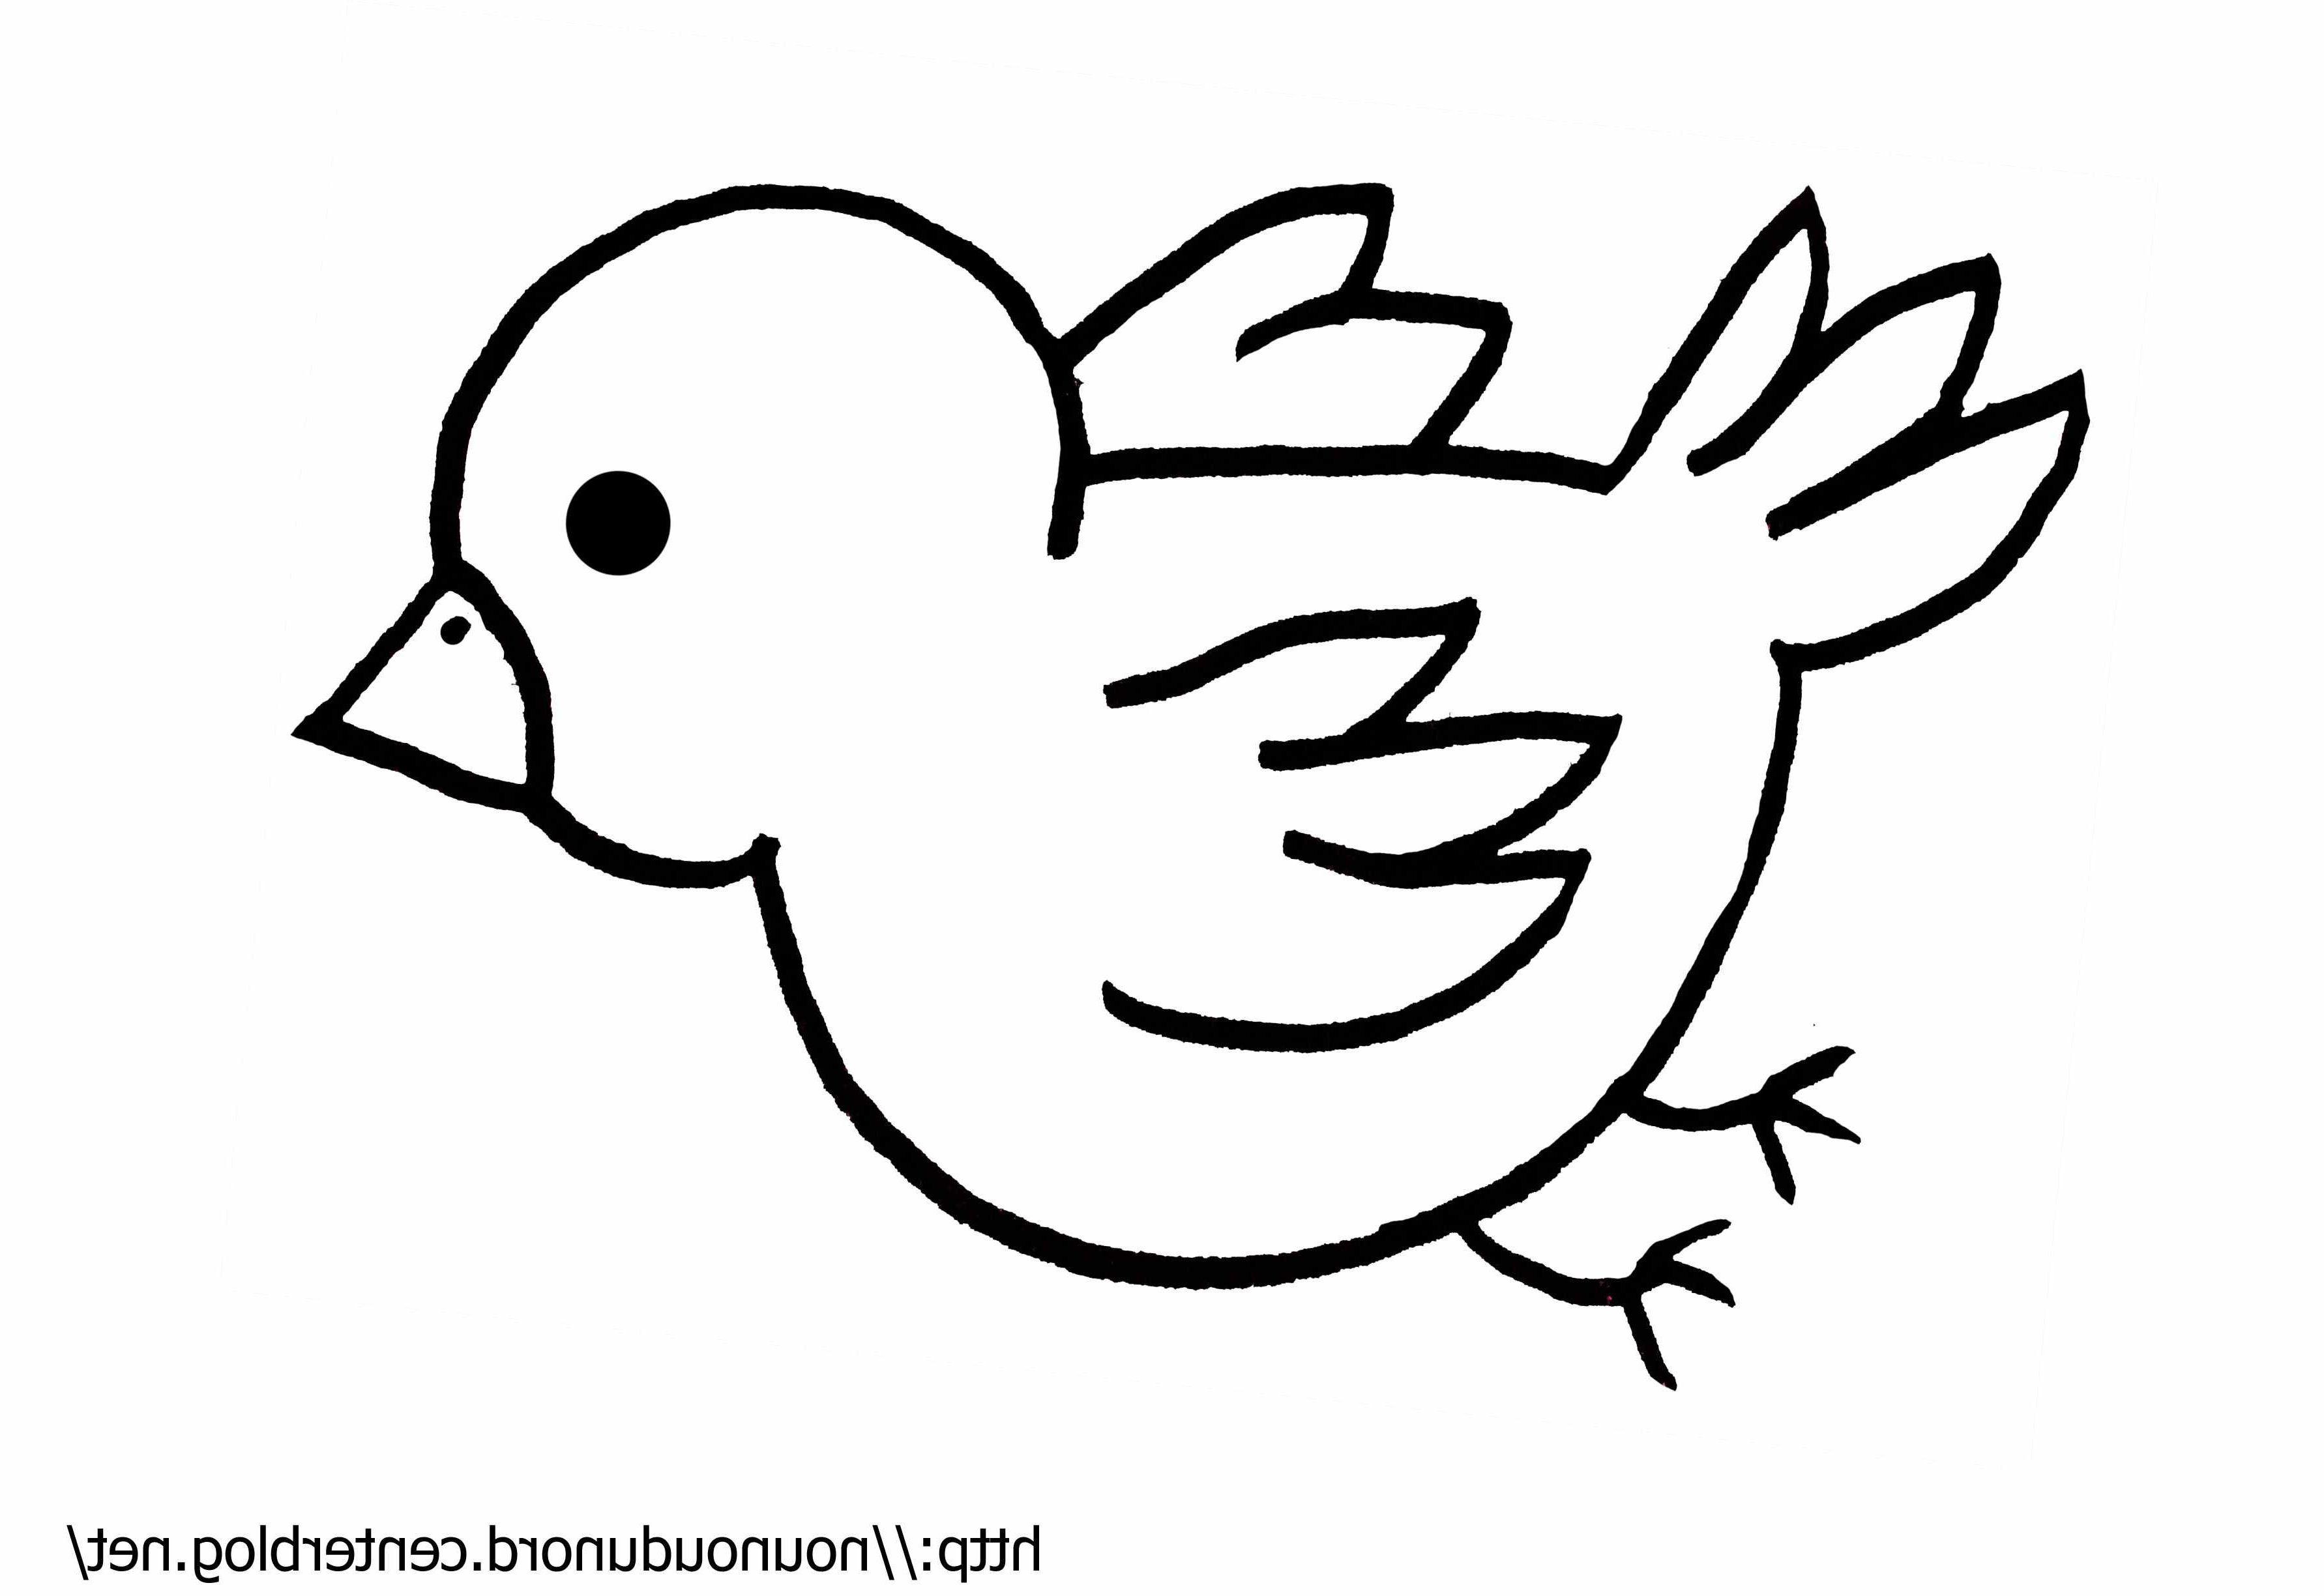 10 Cool De Avion Facile A Dessiner Photographie Dessin Oiseau Oiseau Coloriage Dessin Oiseau Facile